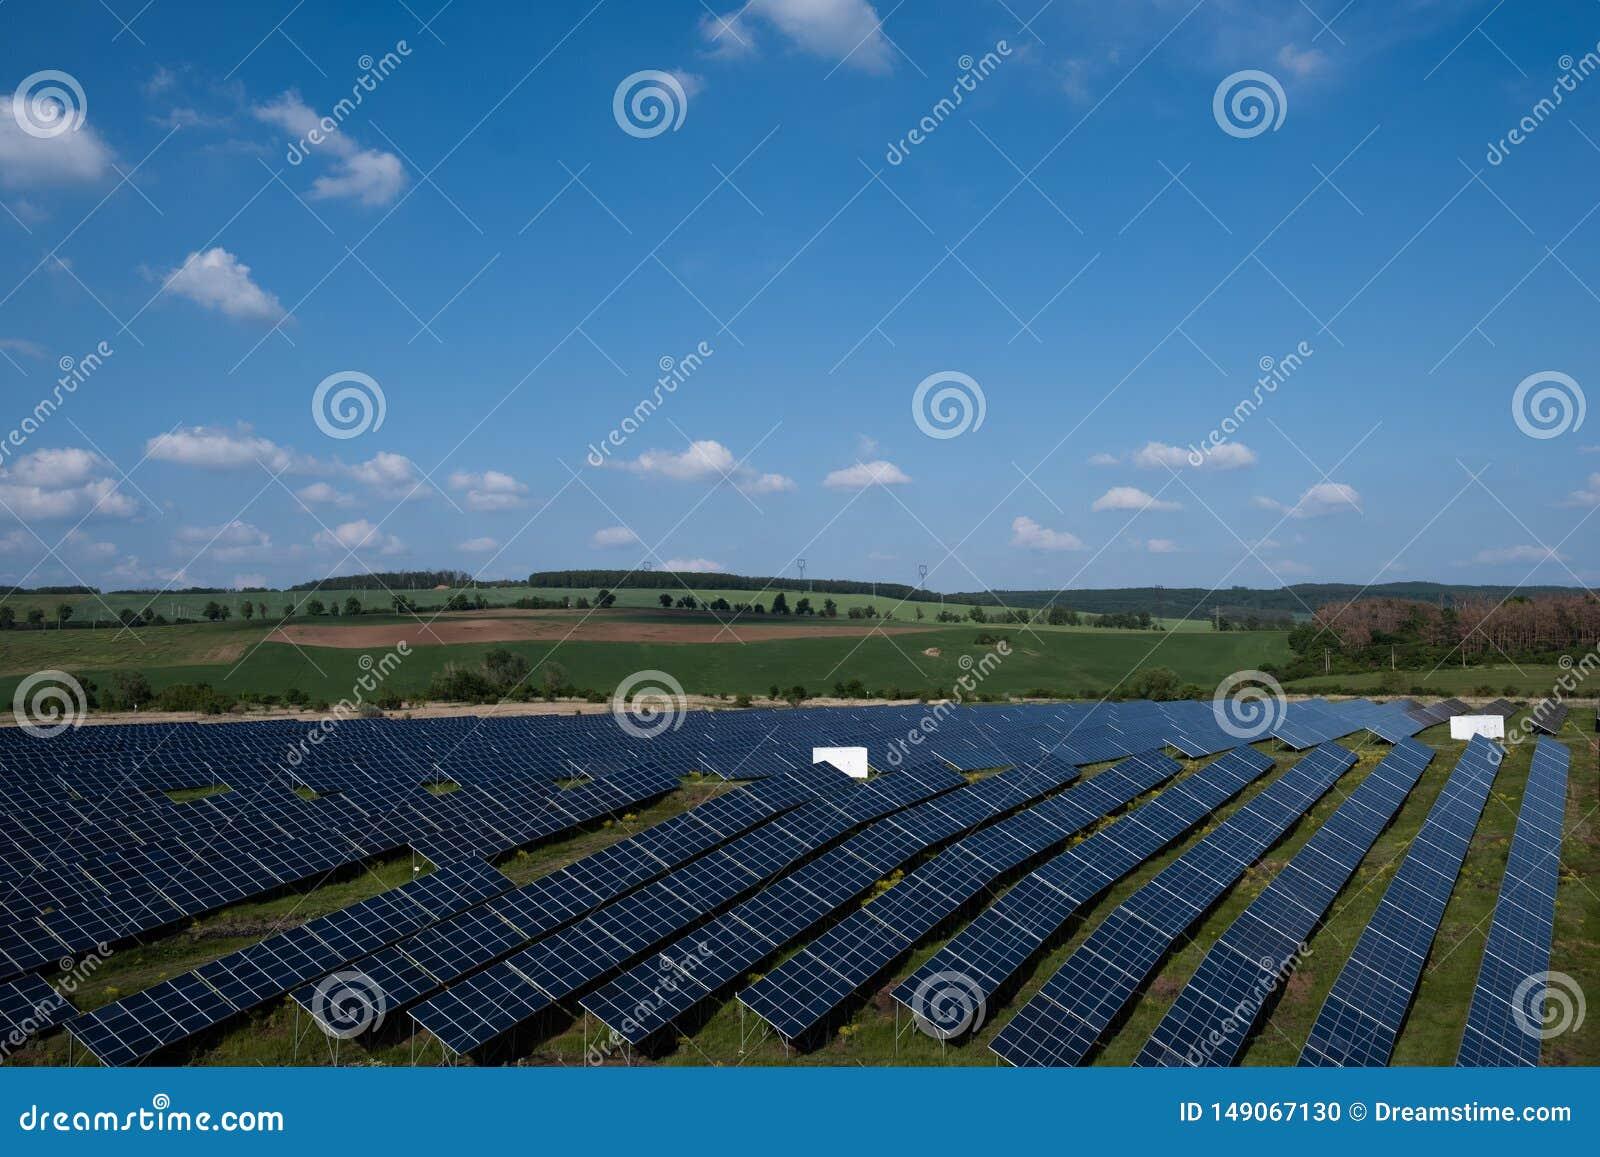 Sonnenkollektoren in der Landschaft